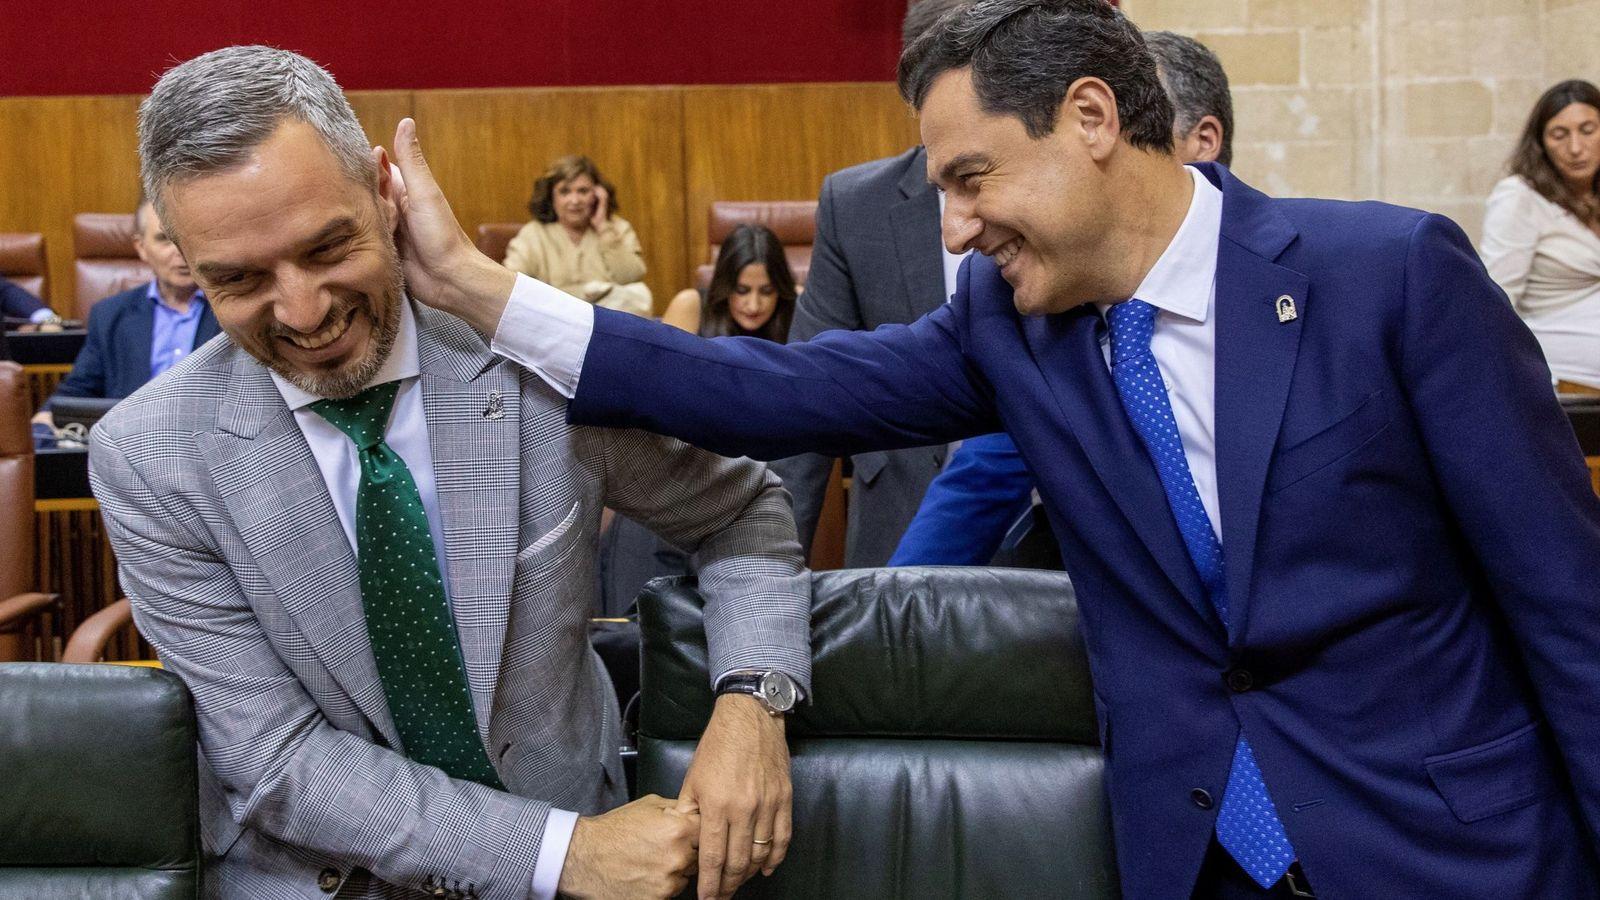 Foto: El presidente de la Junta de Andalucía, Juanma Moreno, bromea con el consejero de Hacienda, Juan Bravo. (EFE)